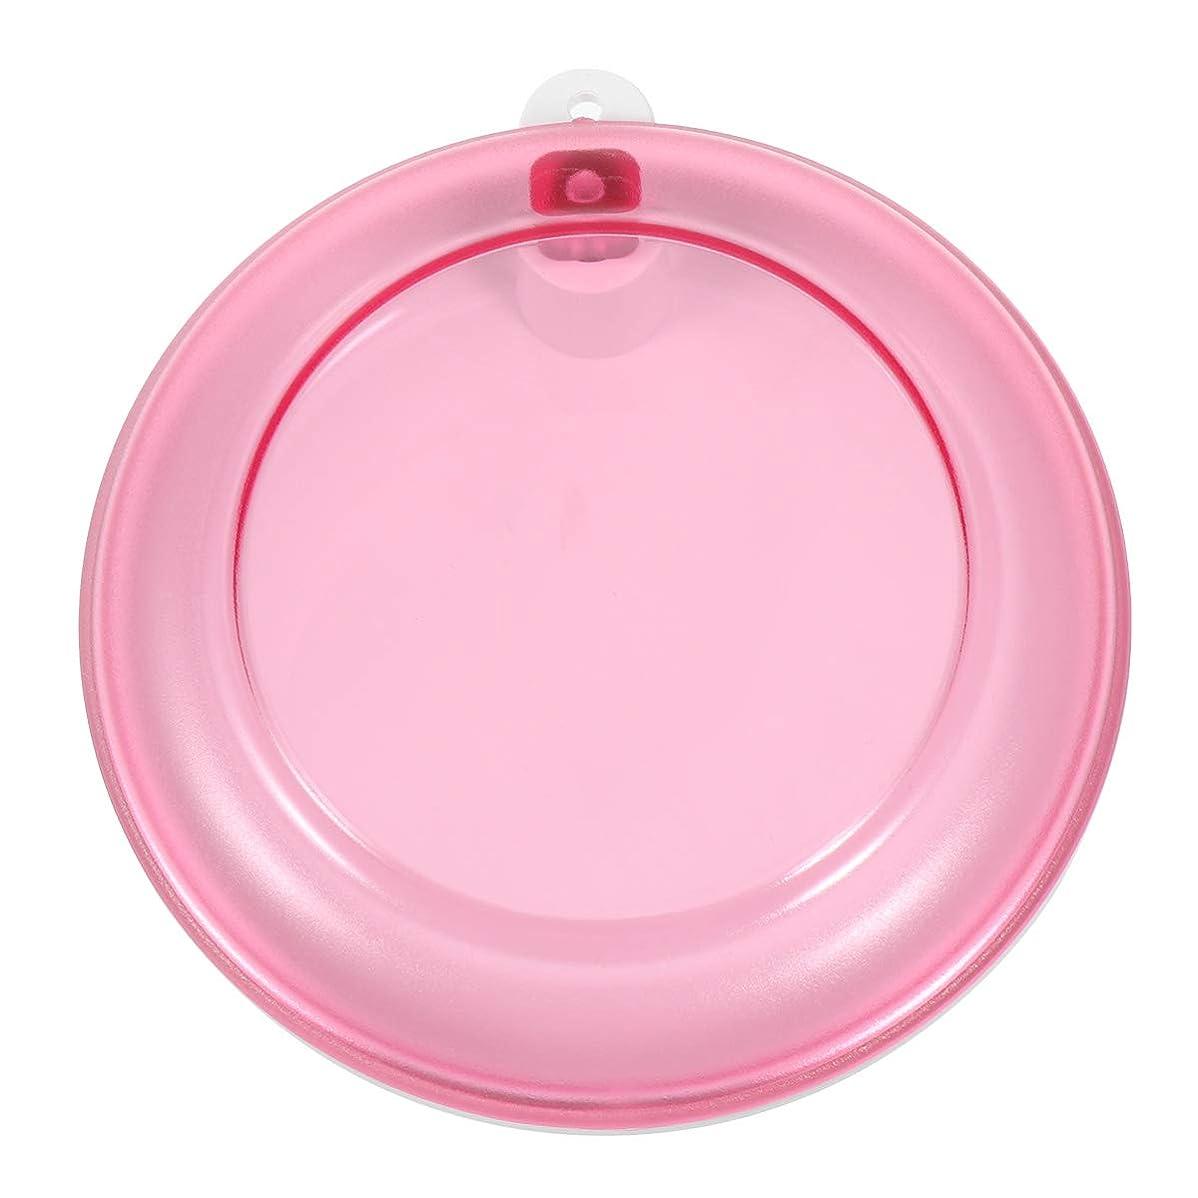 米ドル包括的不規則なHealifty 義歯ボックスポータブル回転歯収納ボックス(ピンク)